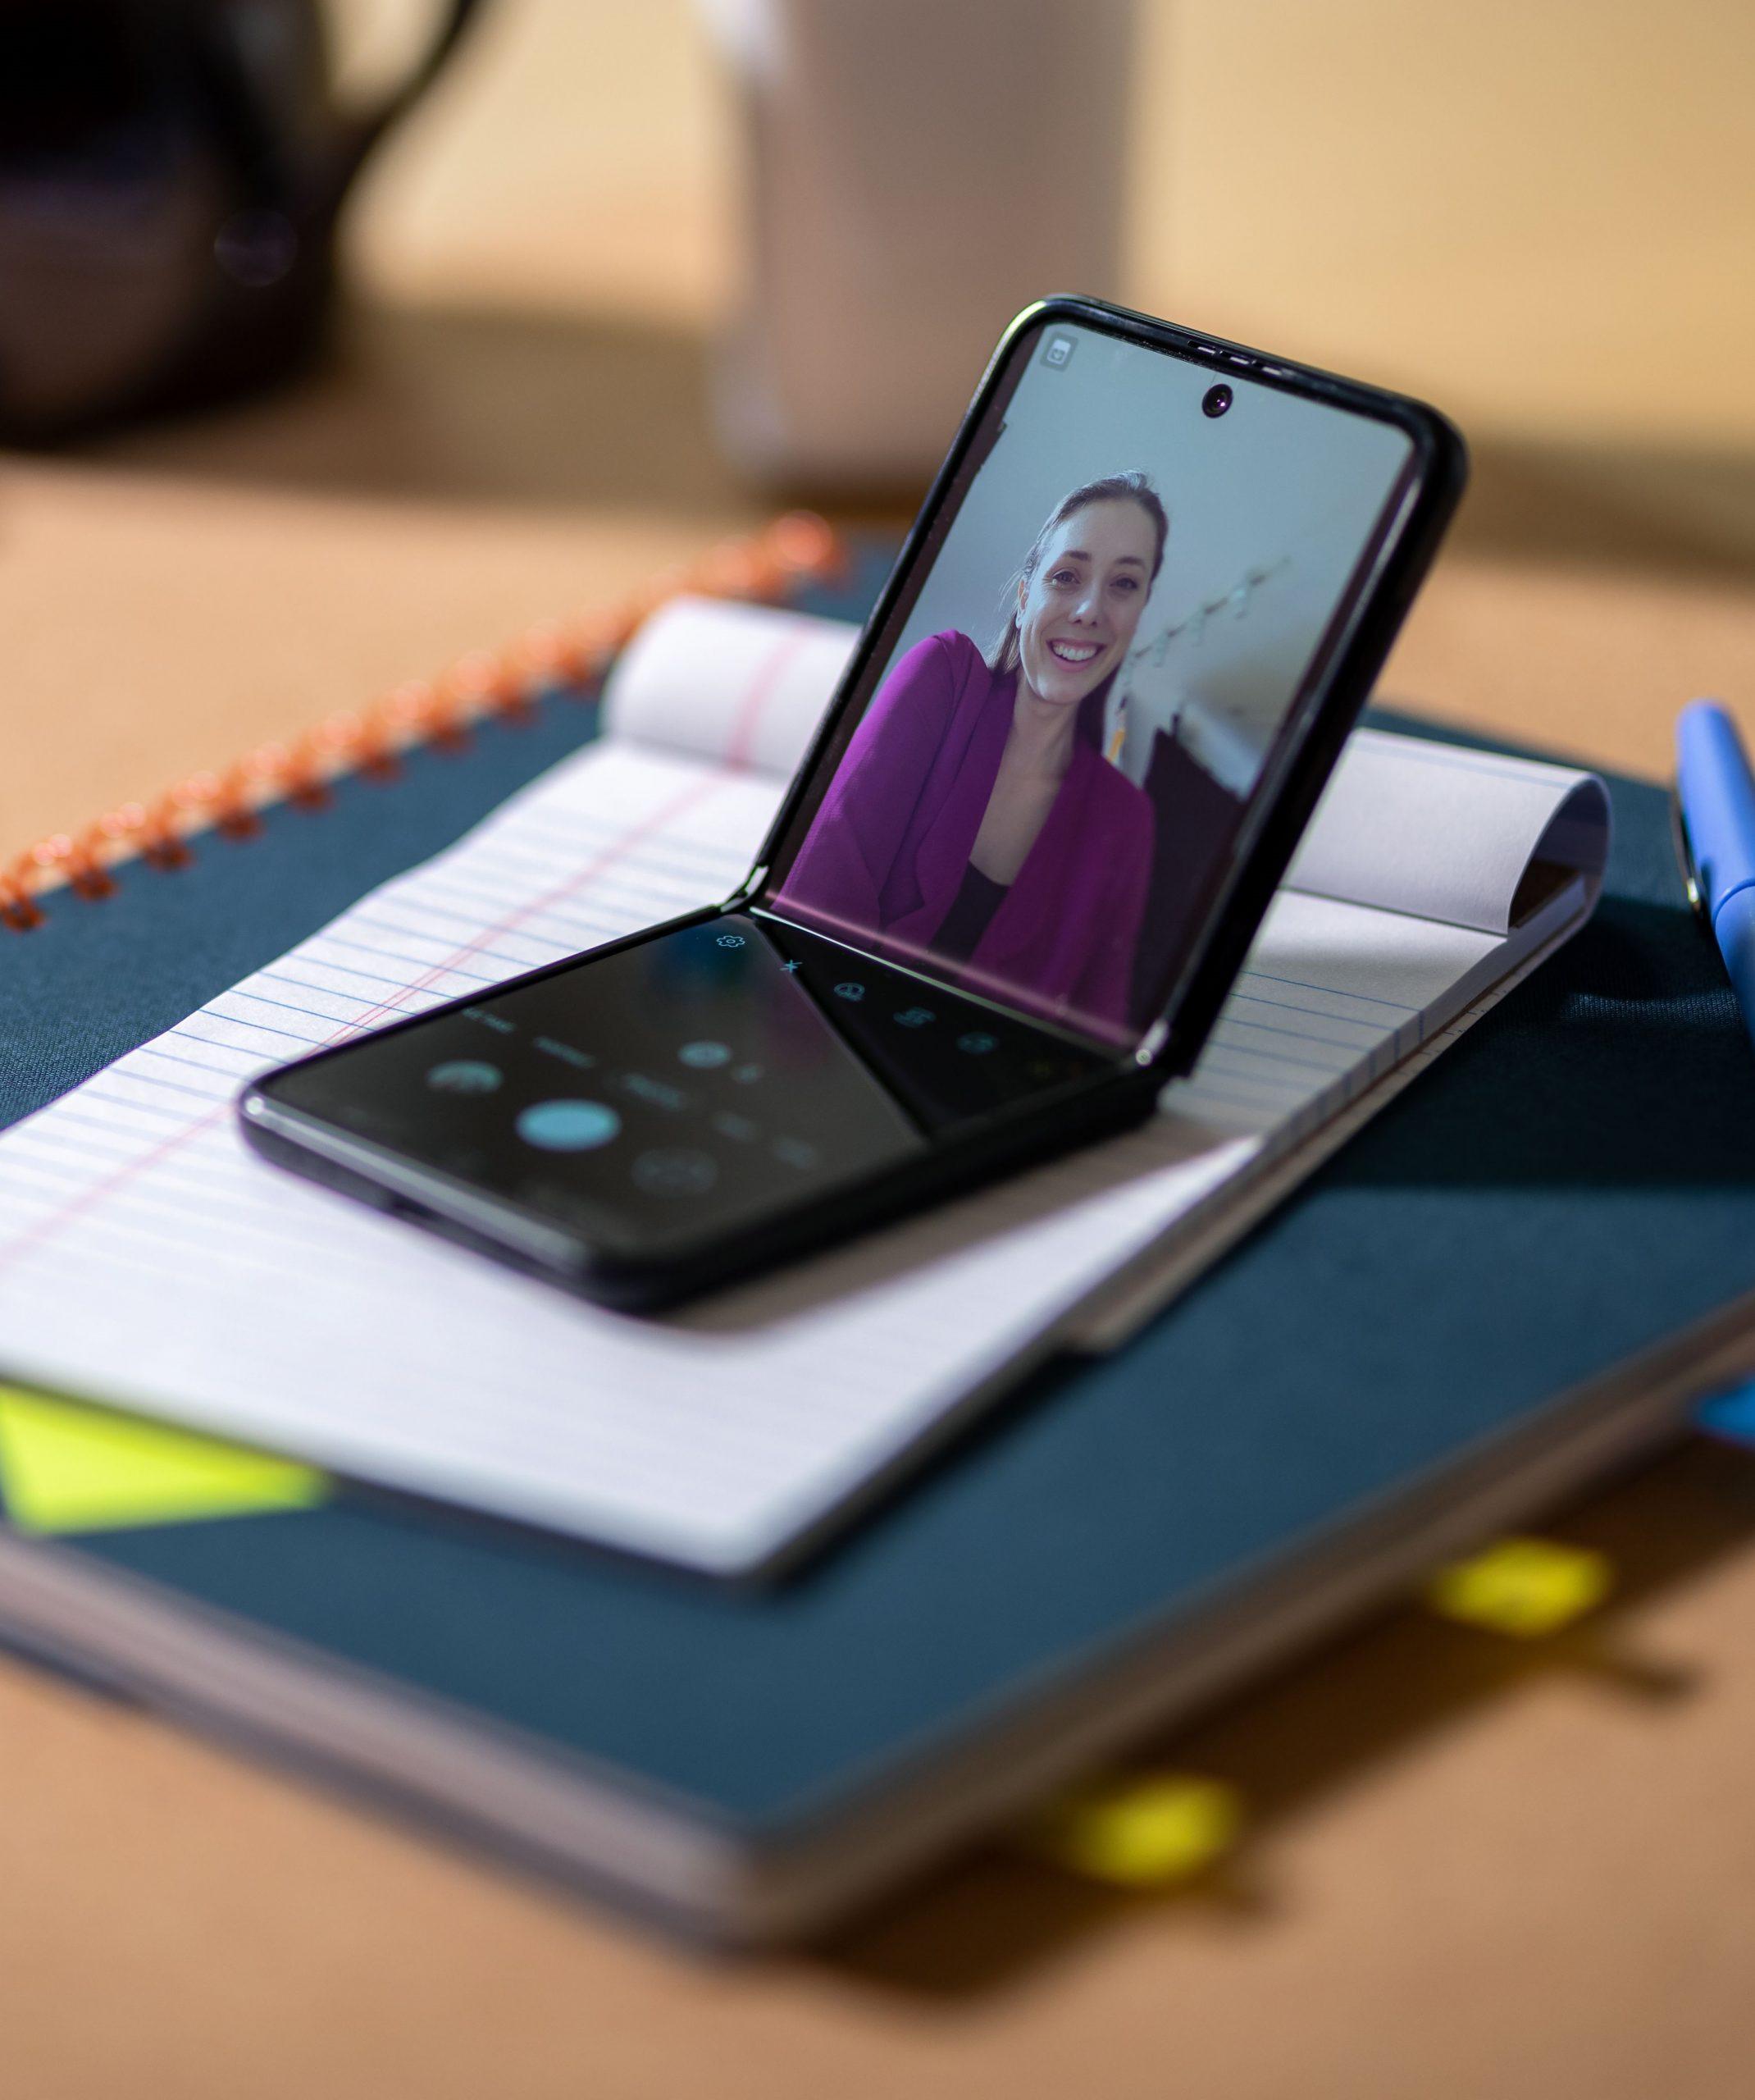 Découvrez notre nouvelle gamme de téléphones pliables 5G pour les entreprises